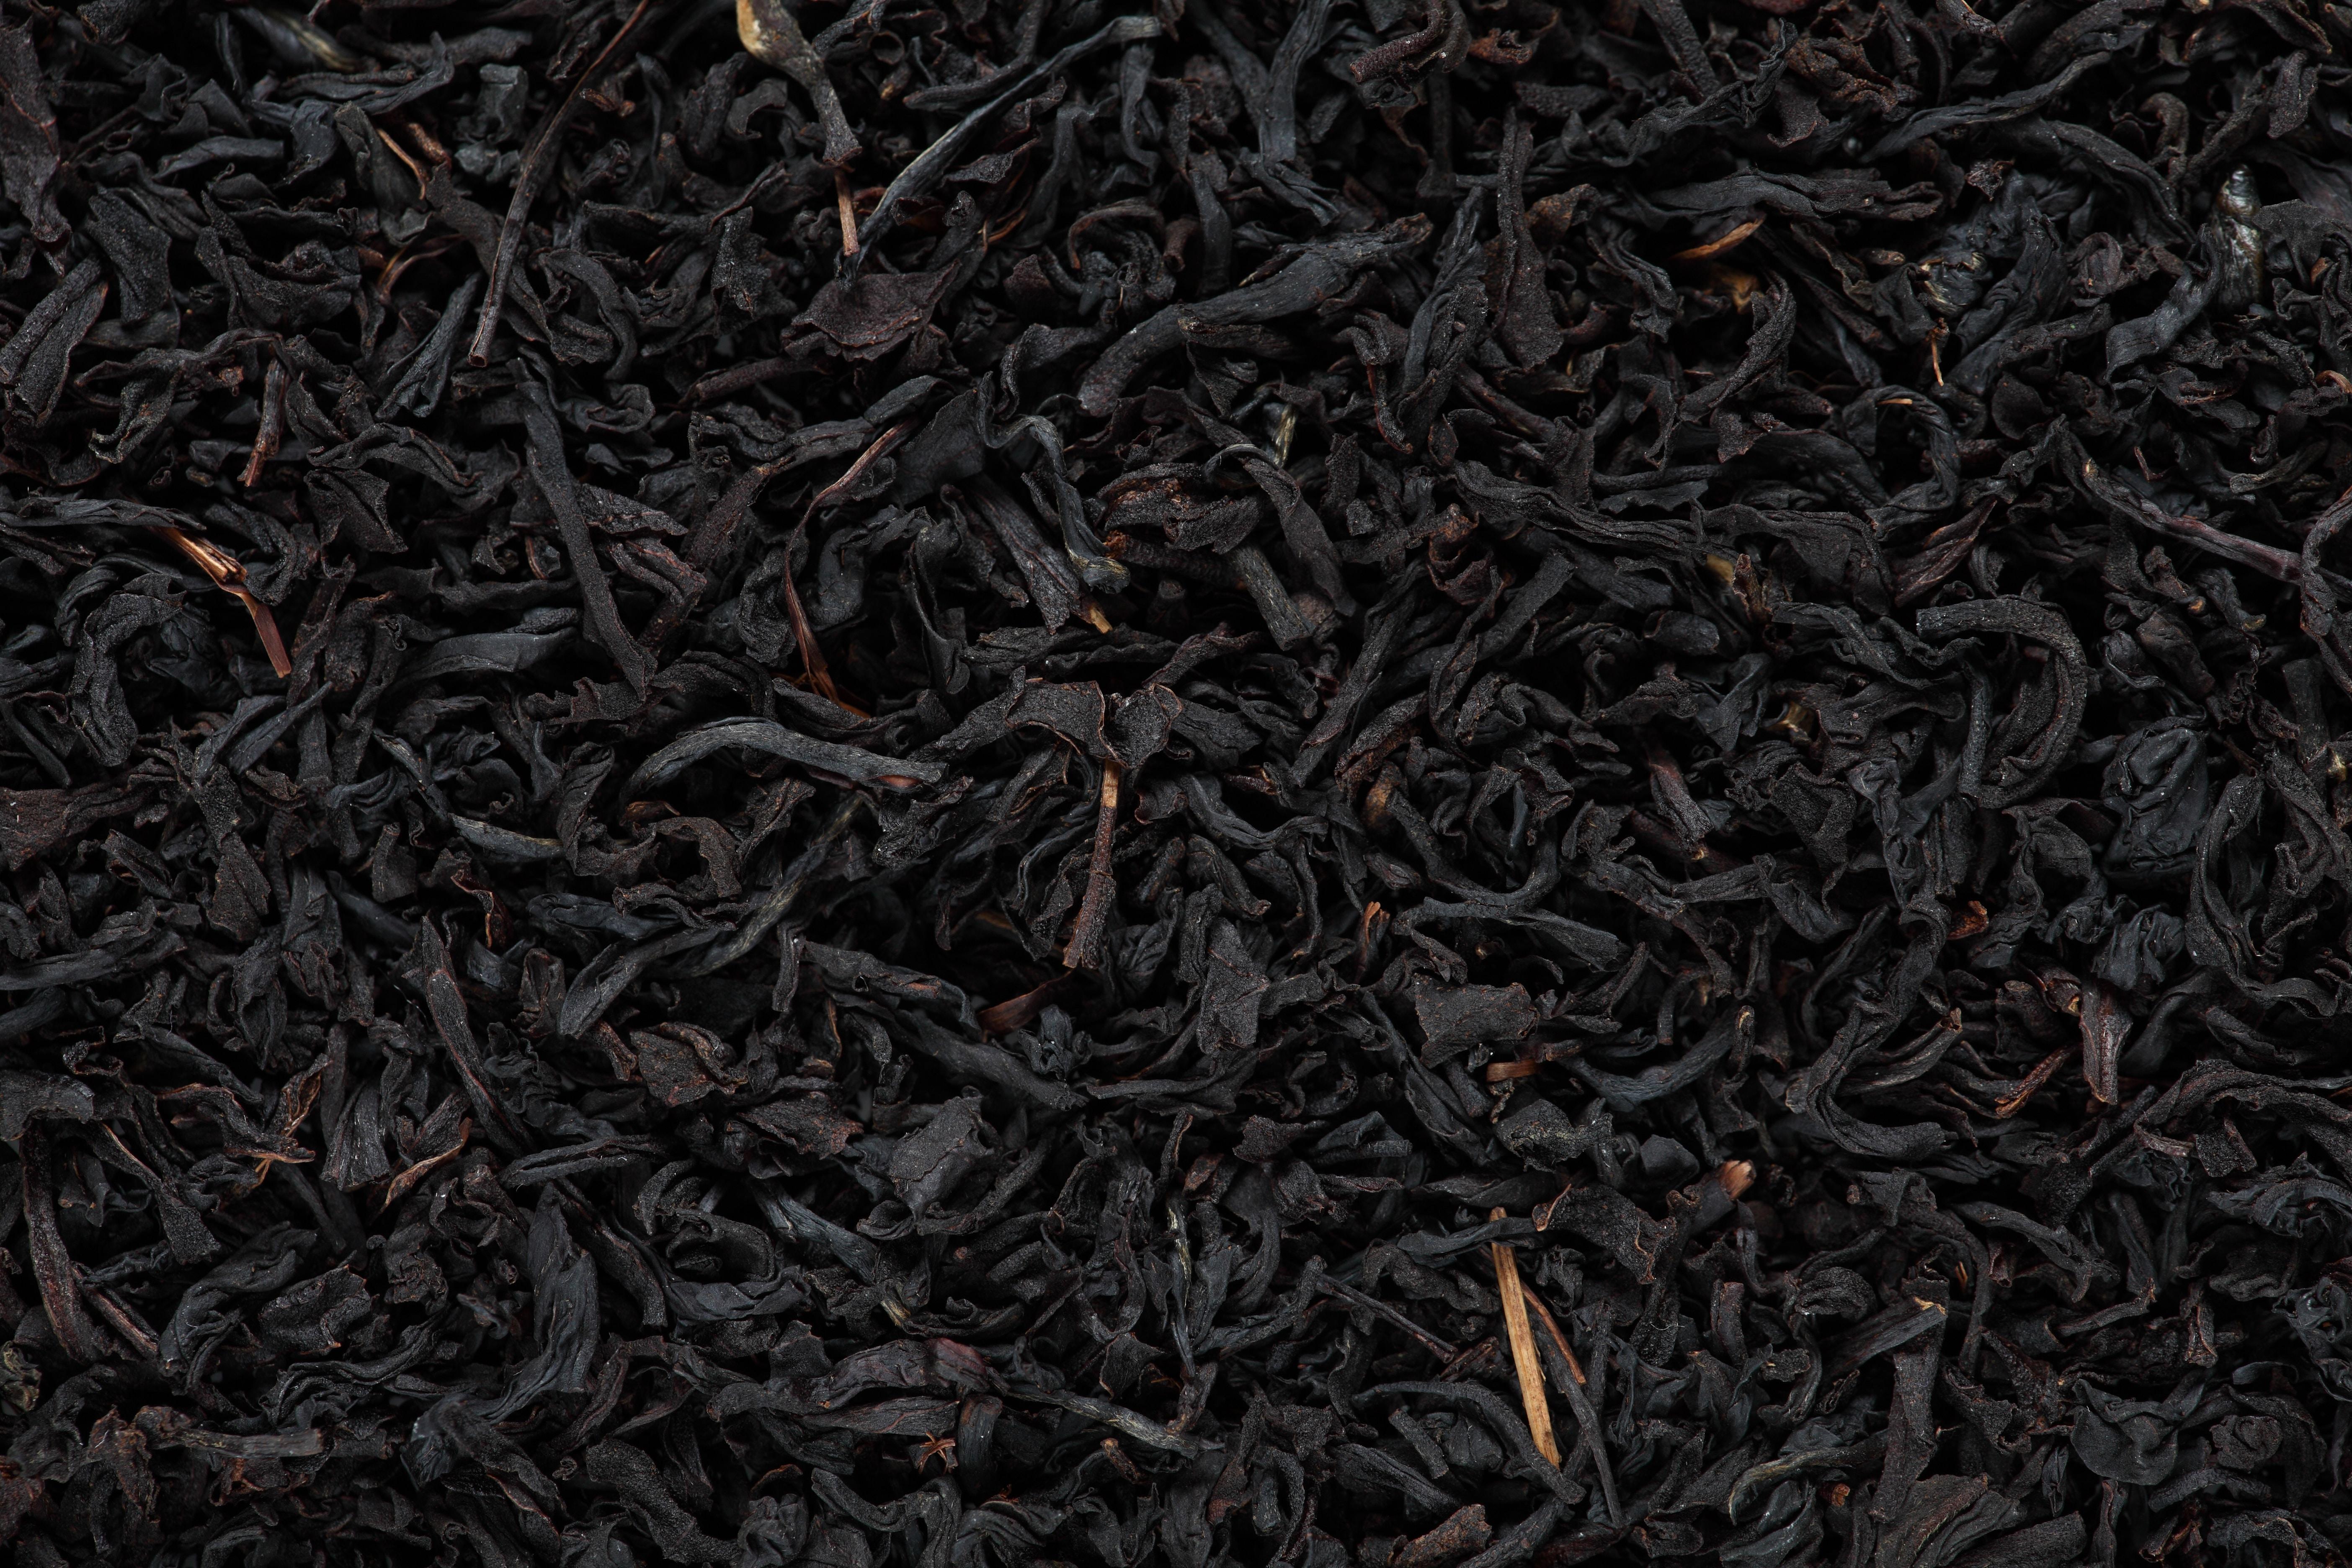 Blackened tea leaves close up